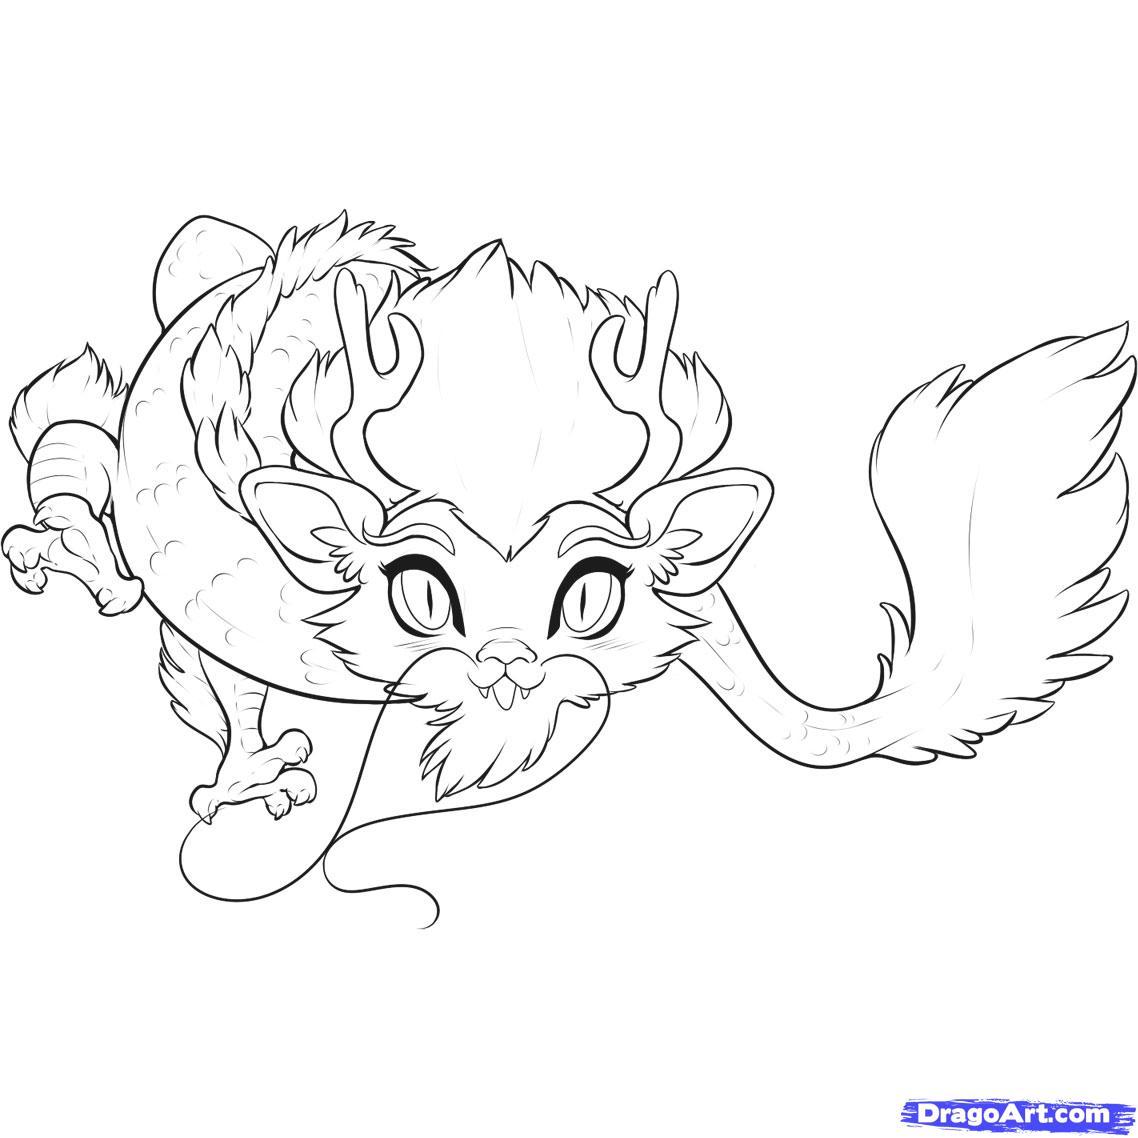 Drawn chinese dragon anime #1